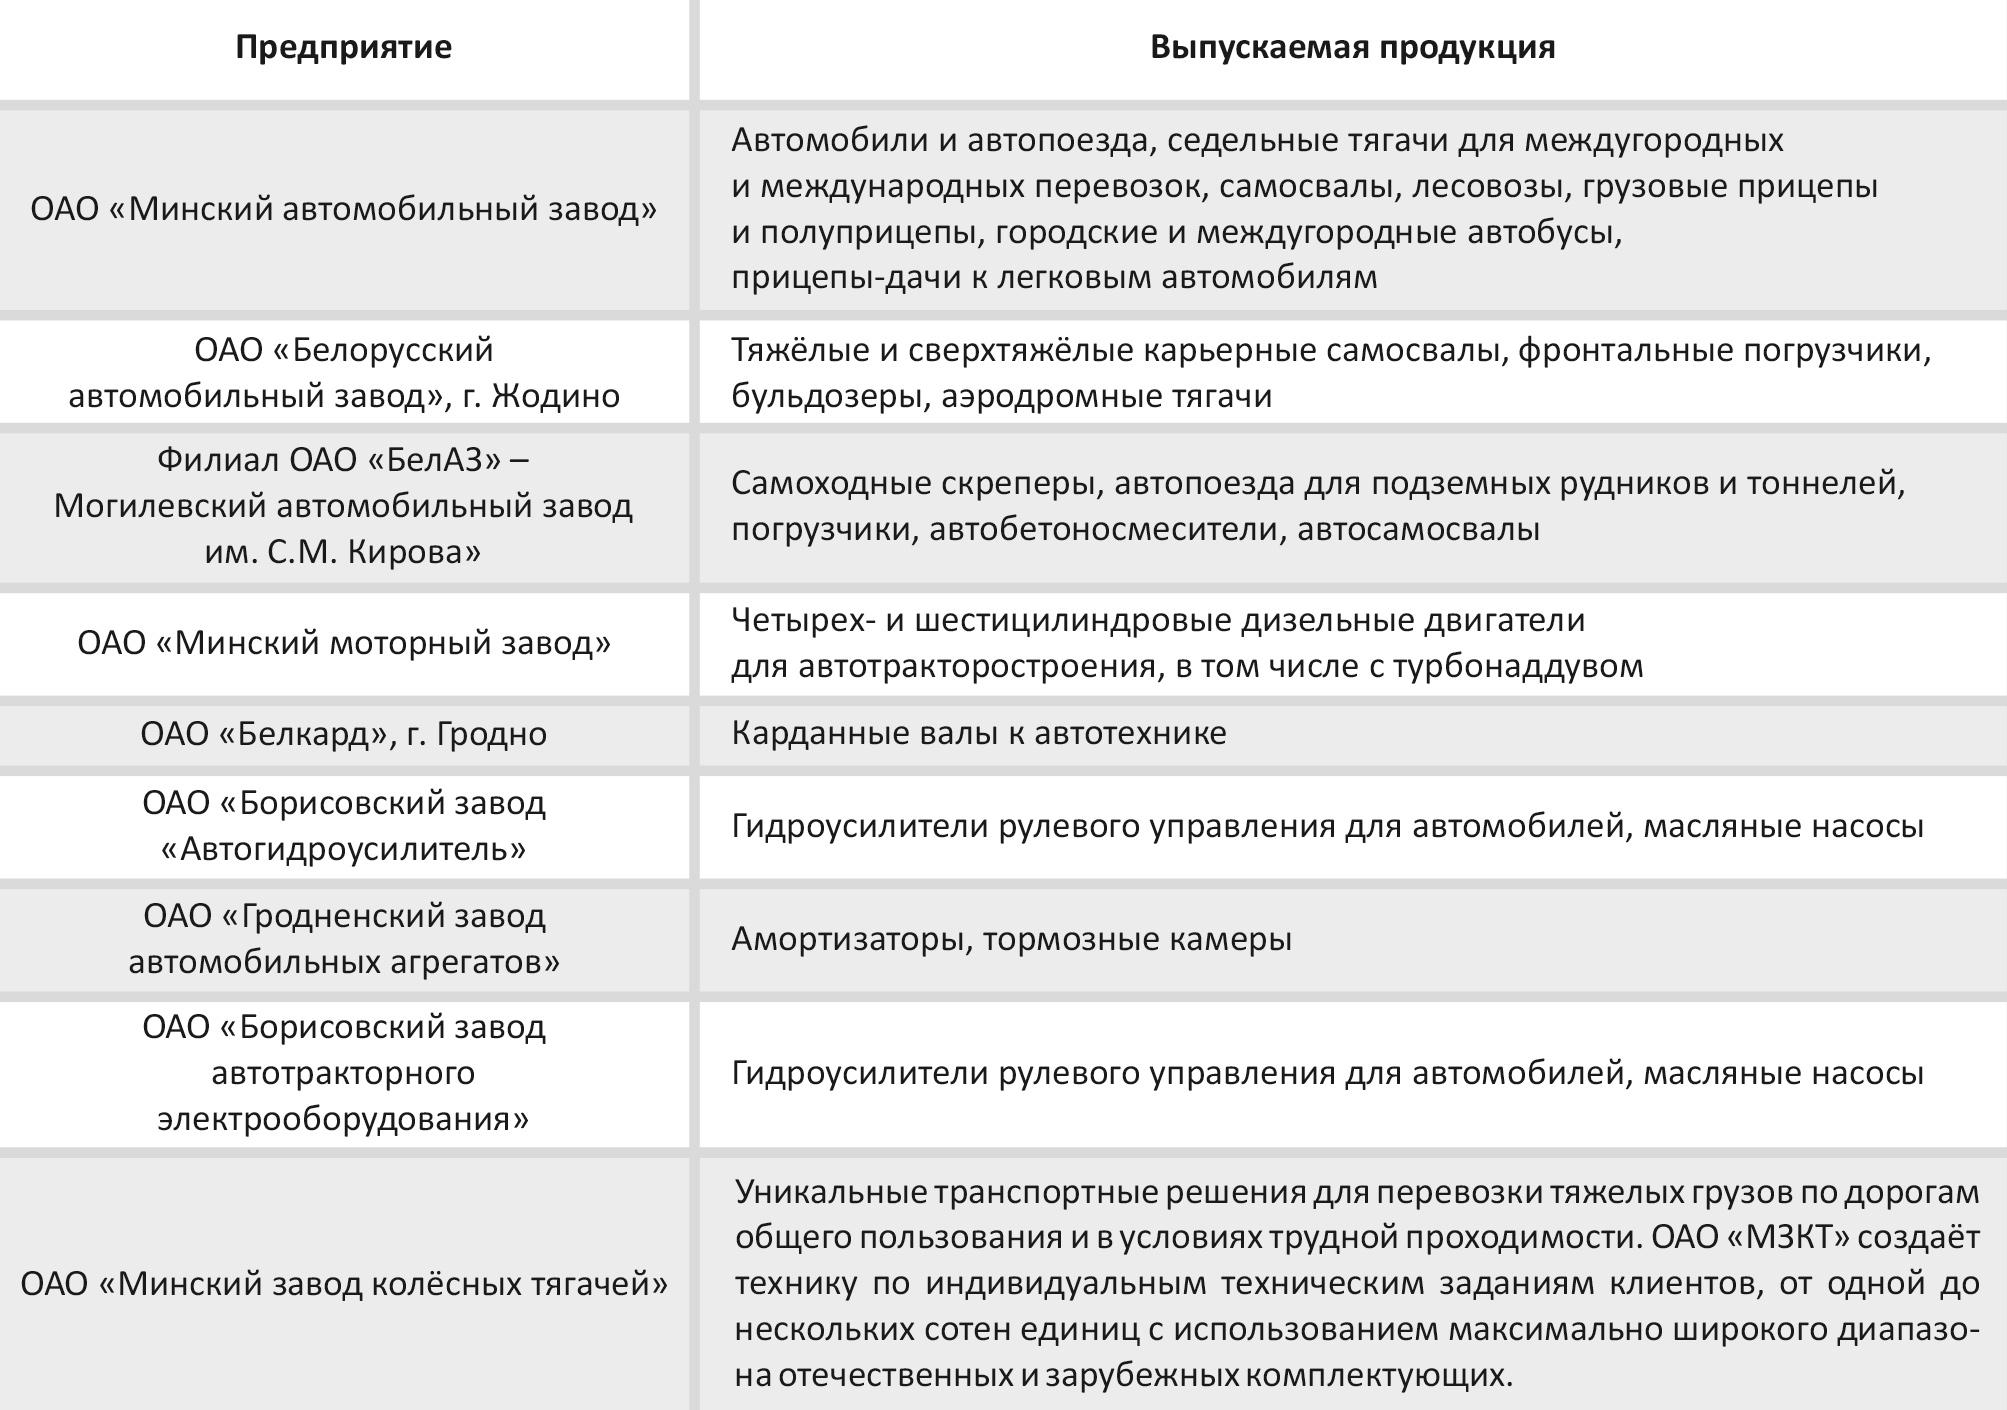 Основные предприятия автомобилестроения в Республике Беларусь